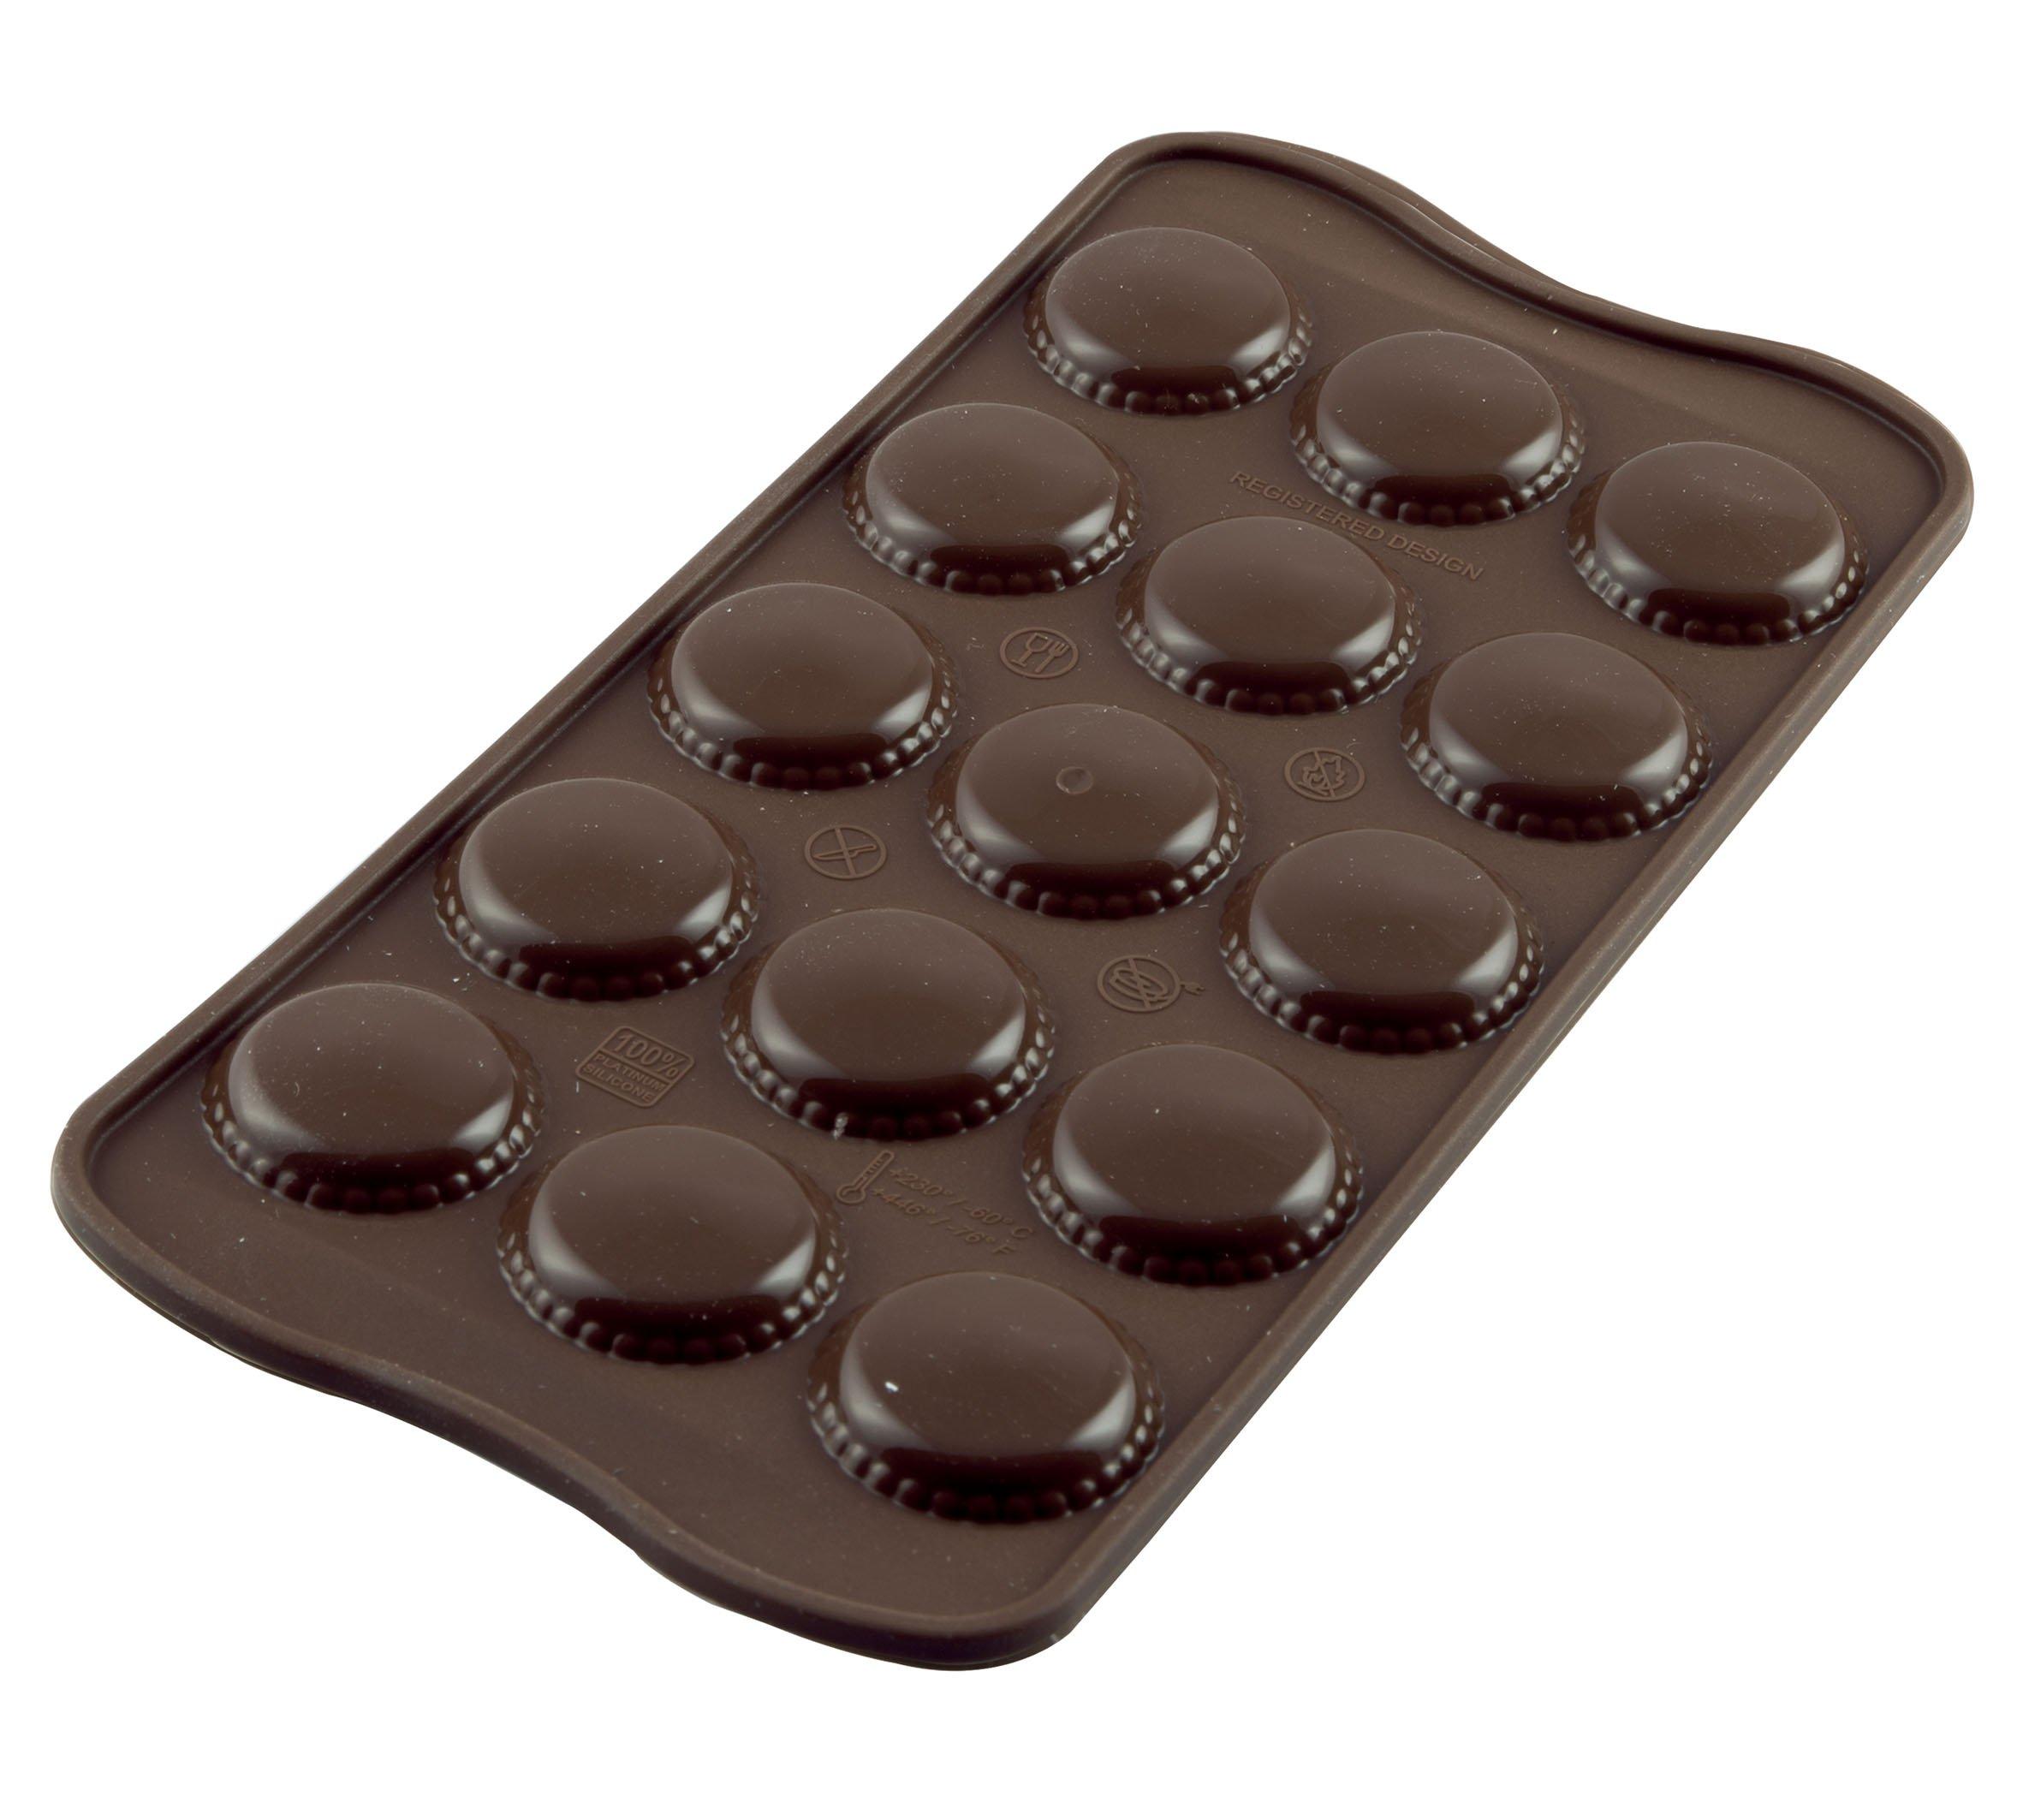 Silikomart Silicone Easy Chocolate Mold, Macaron by Silikomart